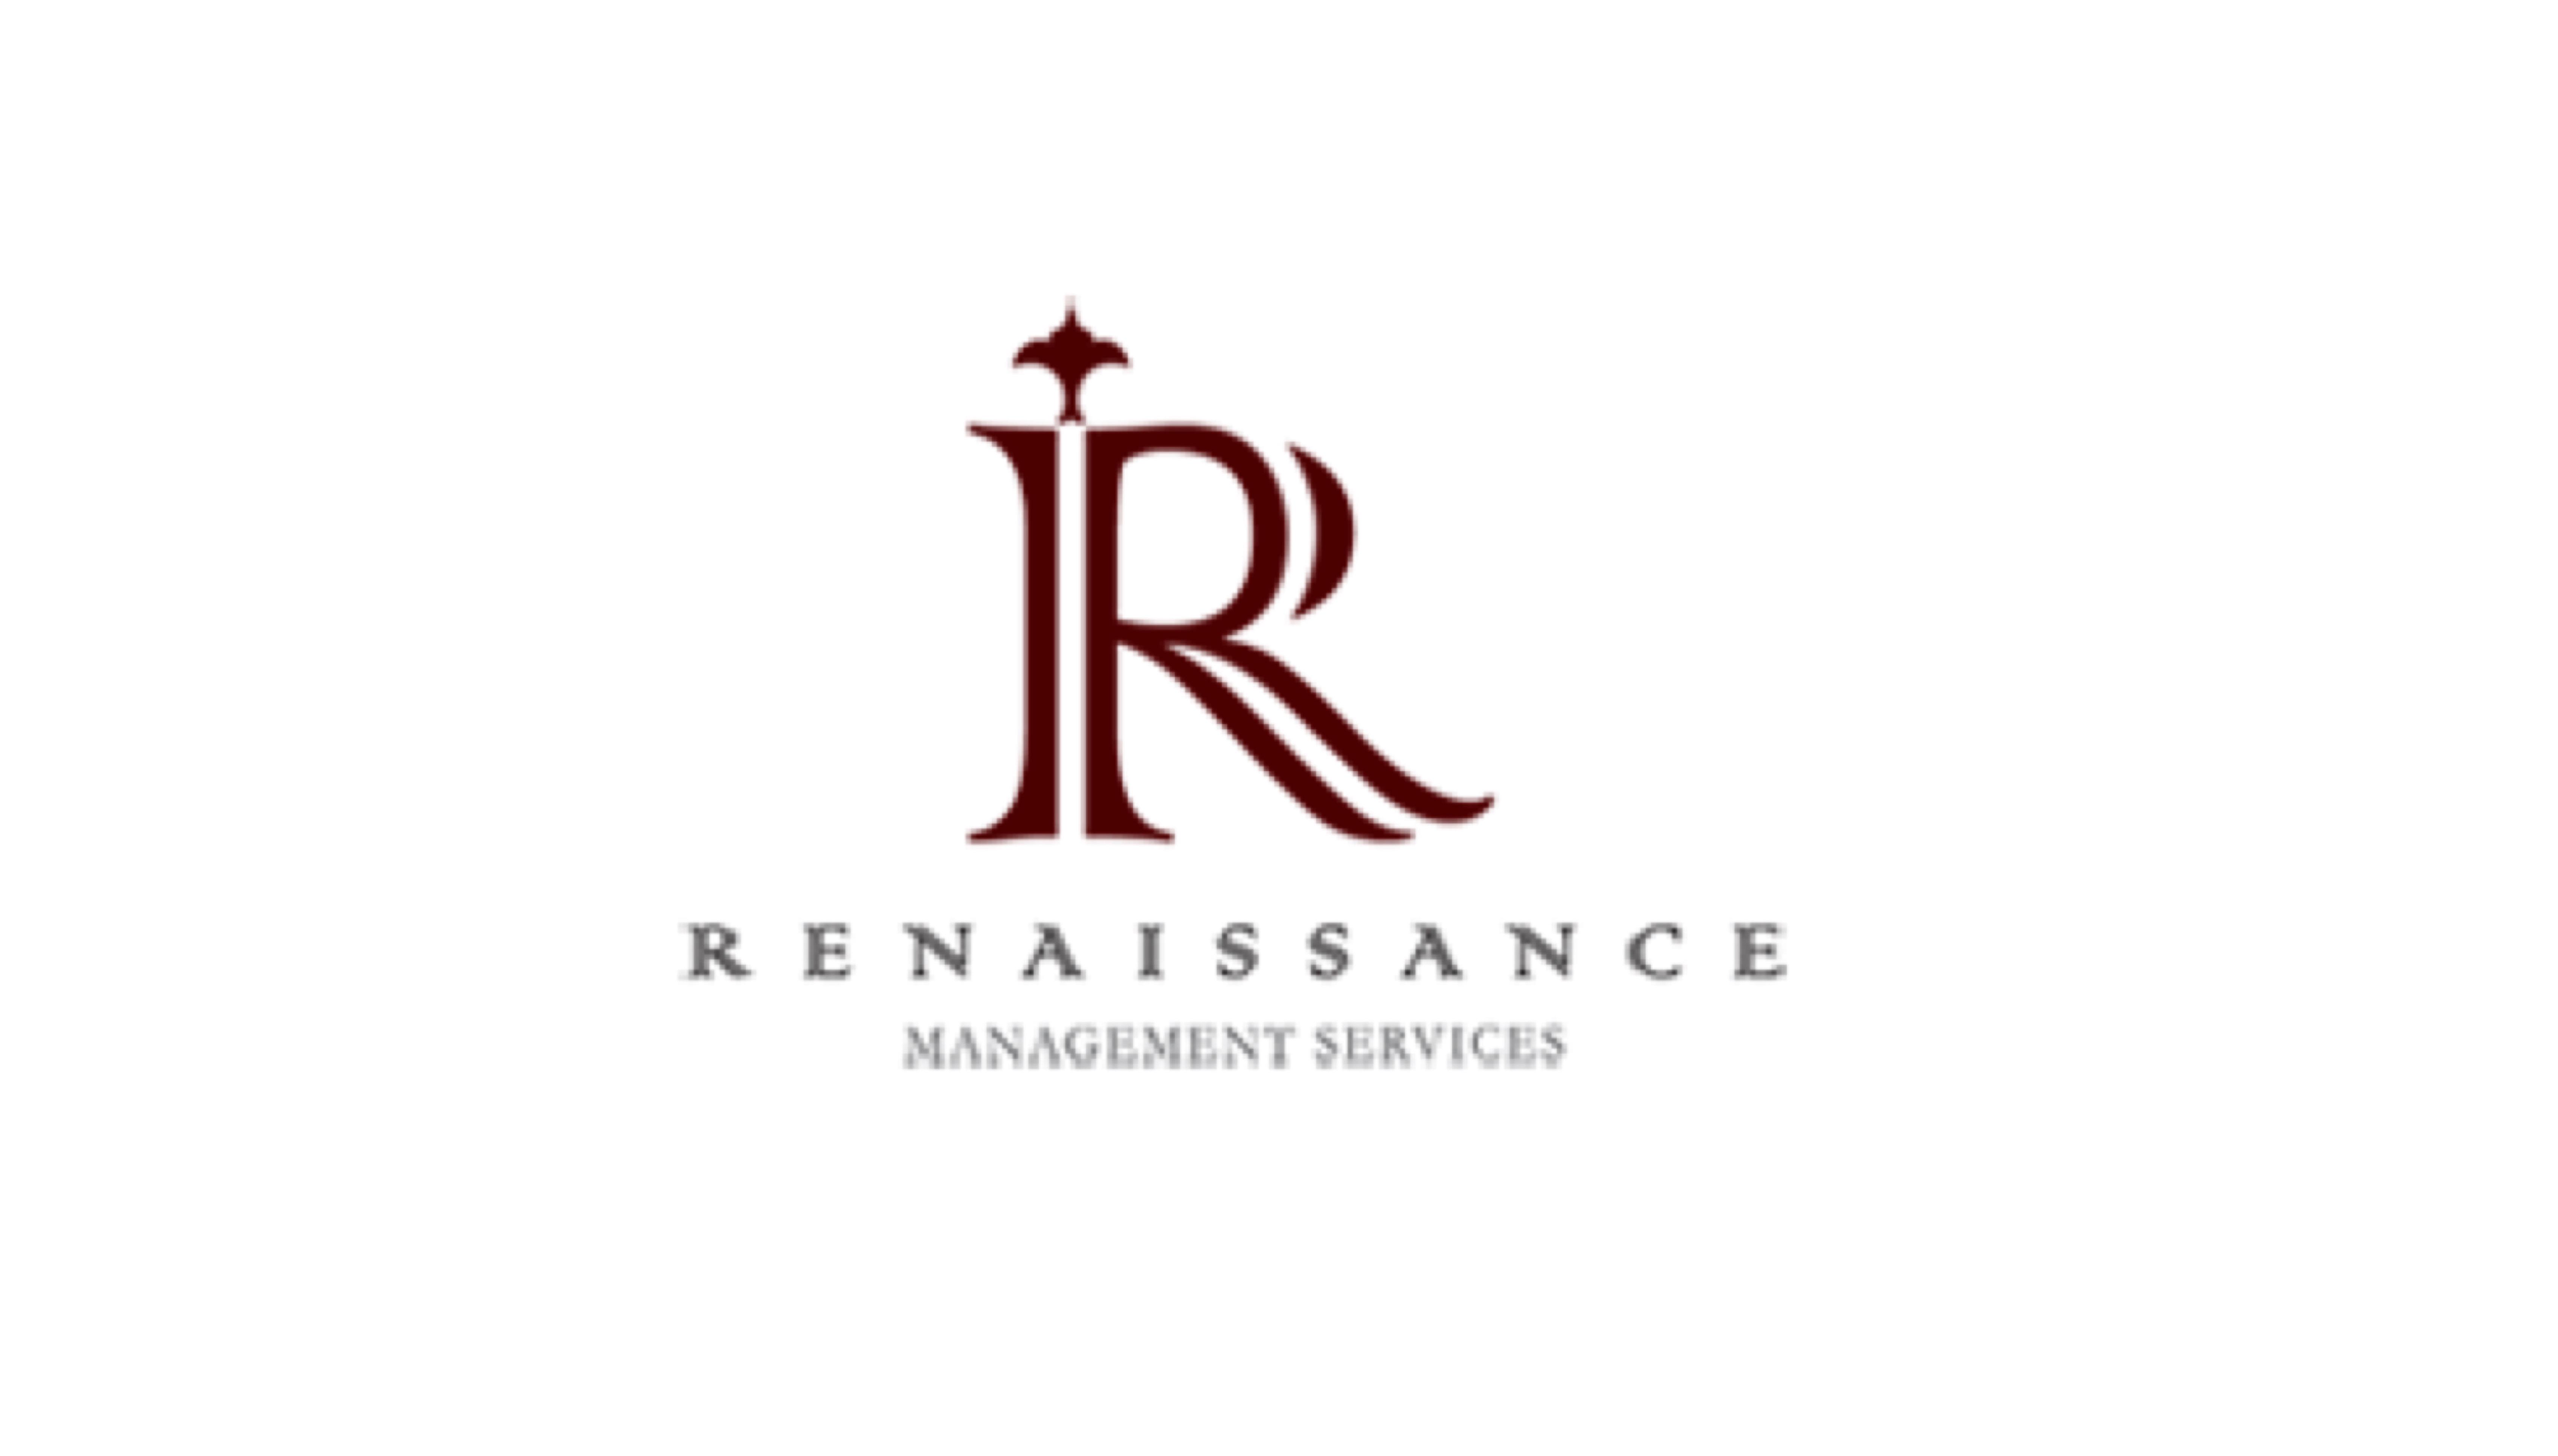 Renaissance Management Services